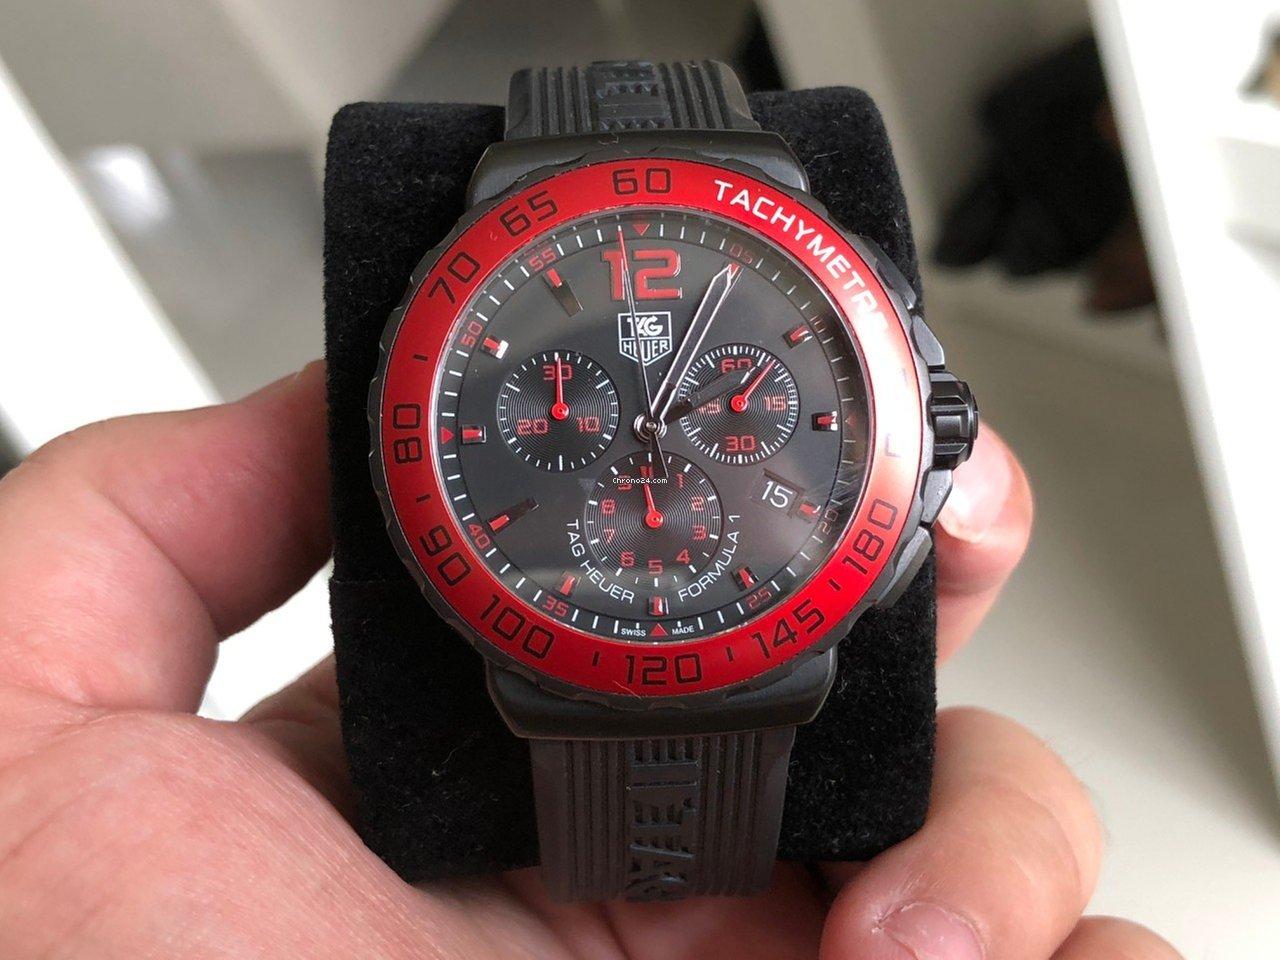 Relógios TAG Heuer Formula 1 usados   Comprar relógio TAG Heuer Formula 1  usado 5e333f7416